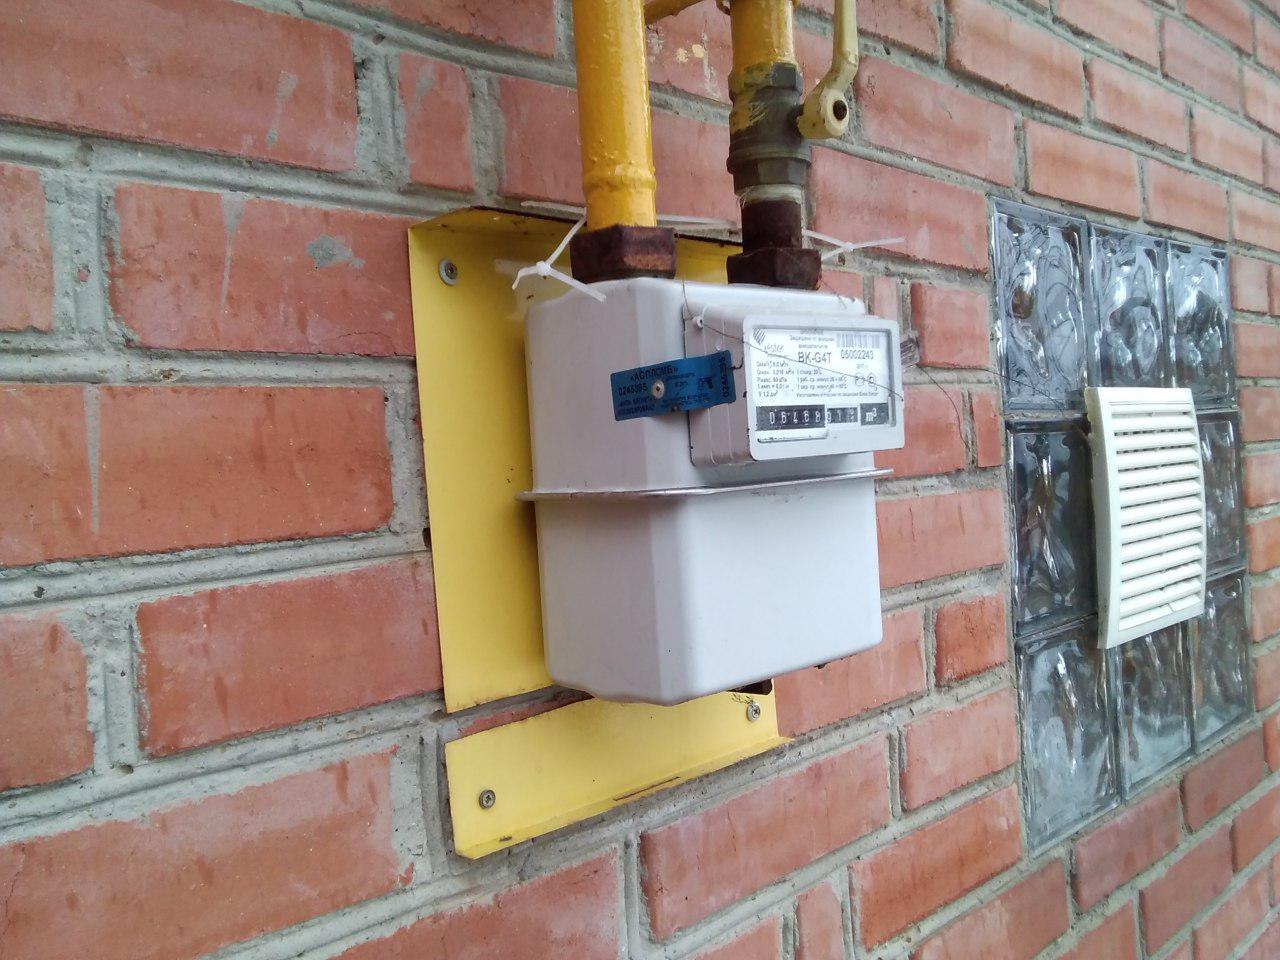 Порядок монтажа газовых труб в квартире: основные этапы и правила